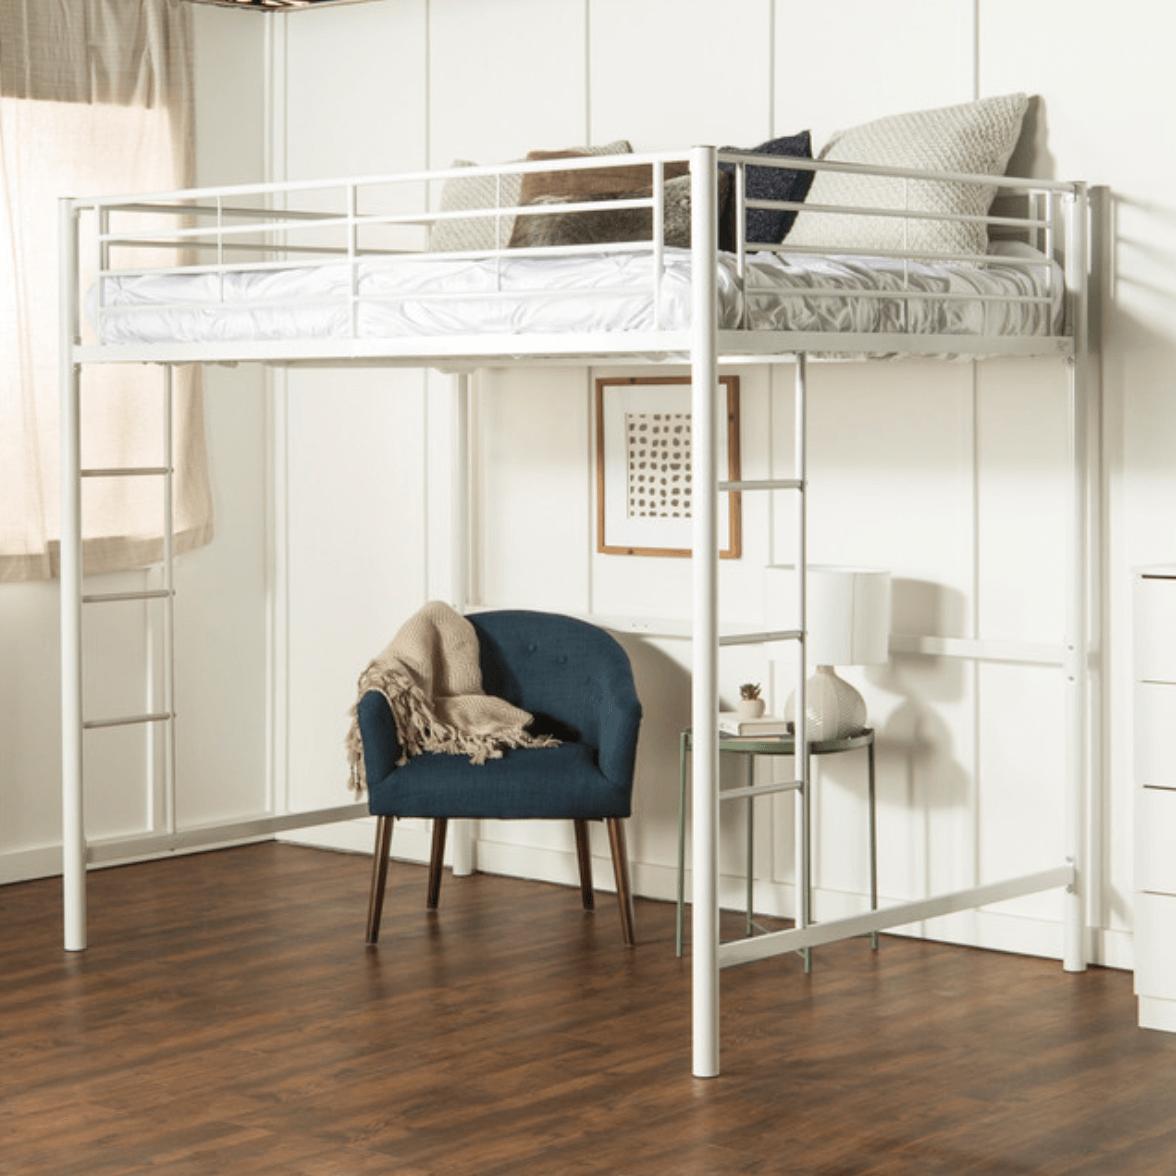 Delacora WE-BDDOL Full Loft Bed